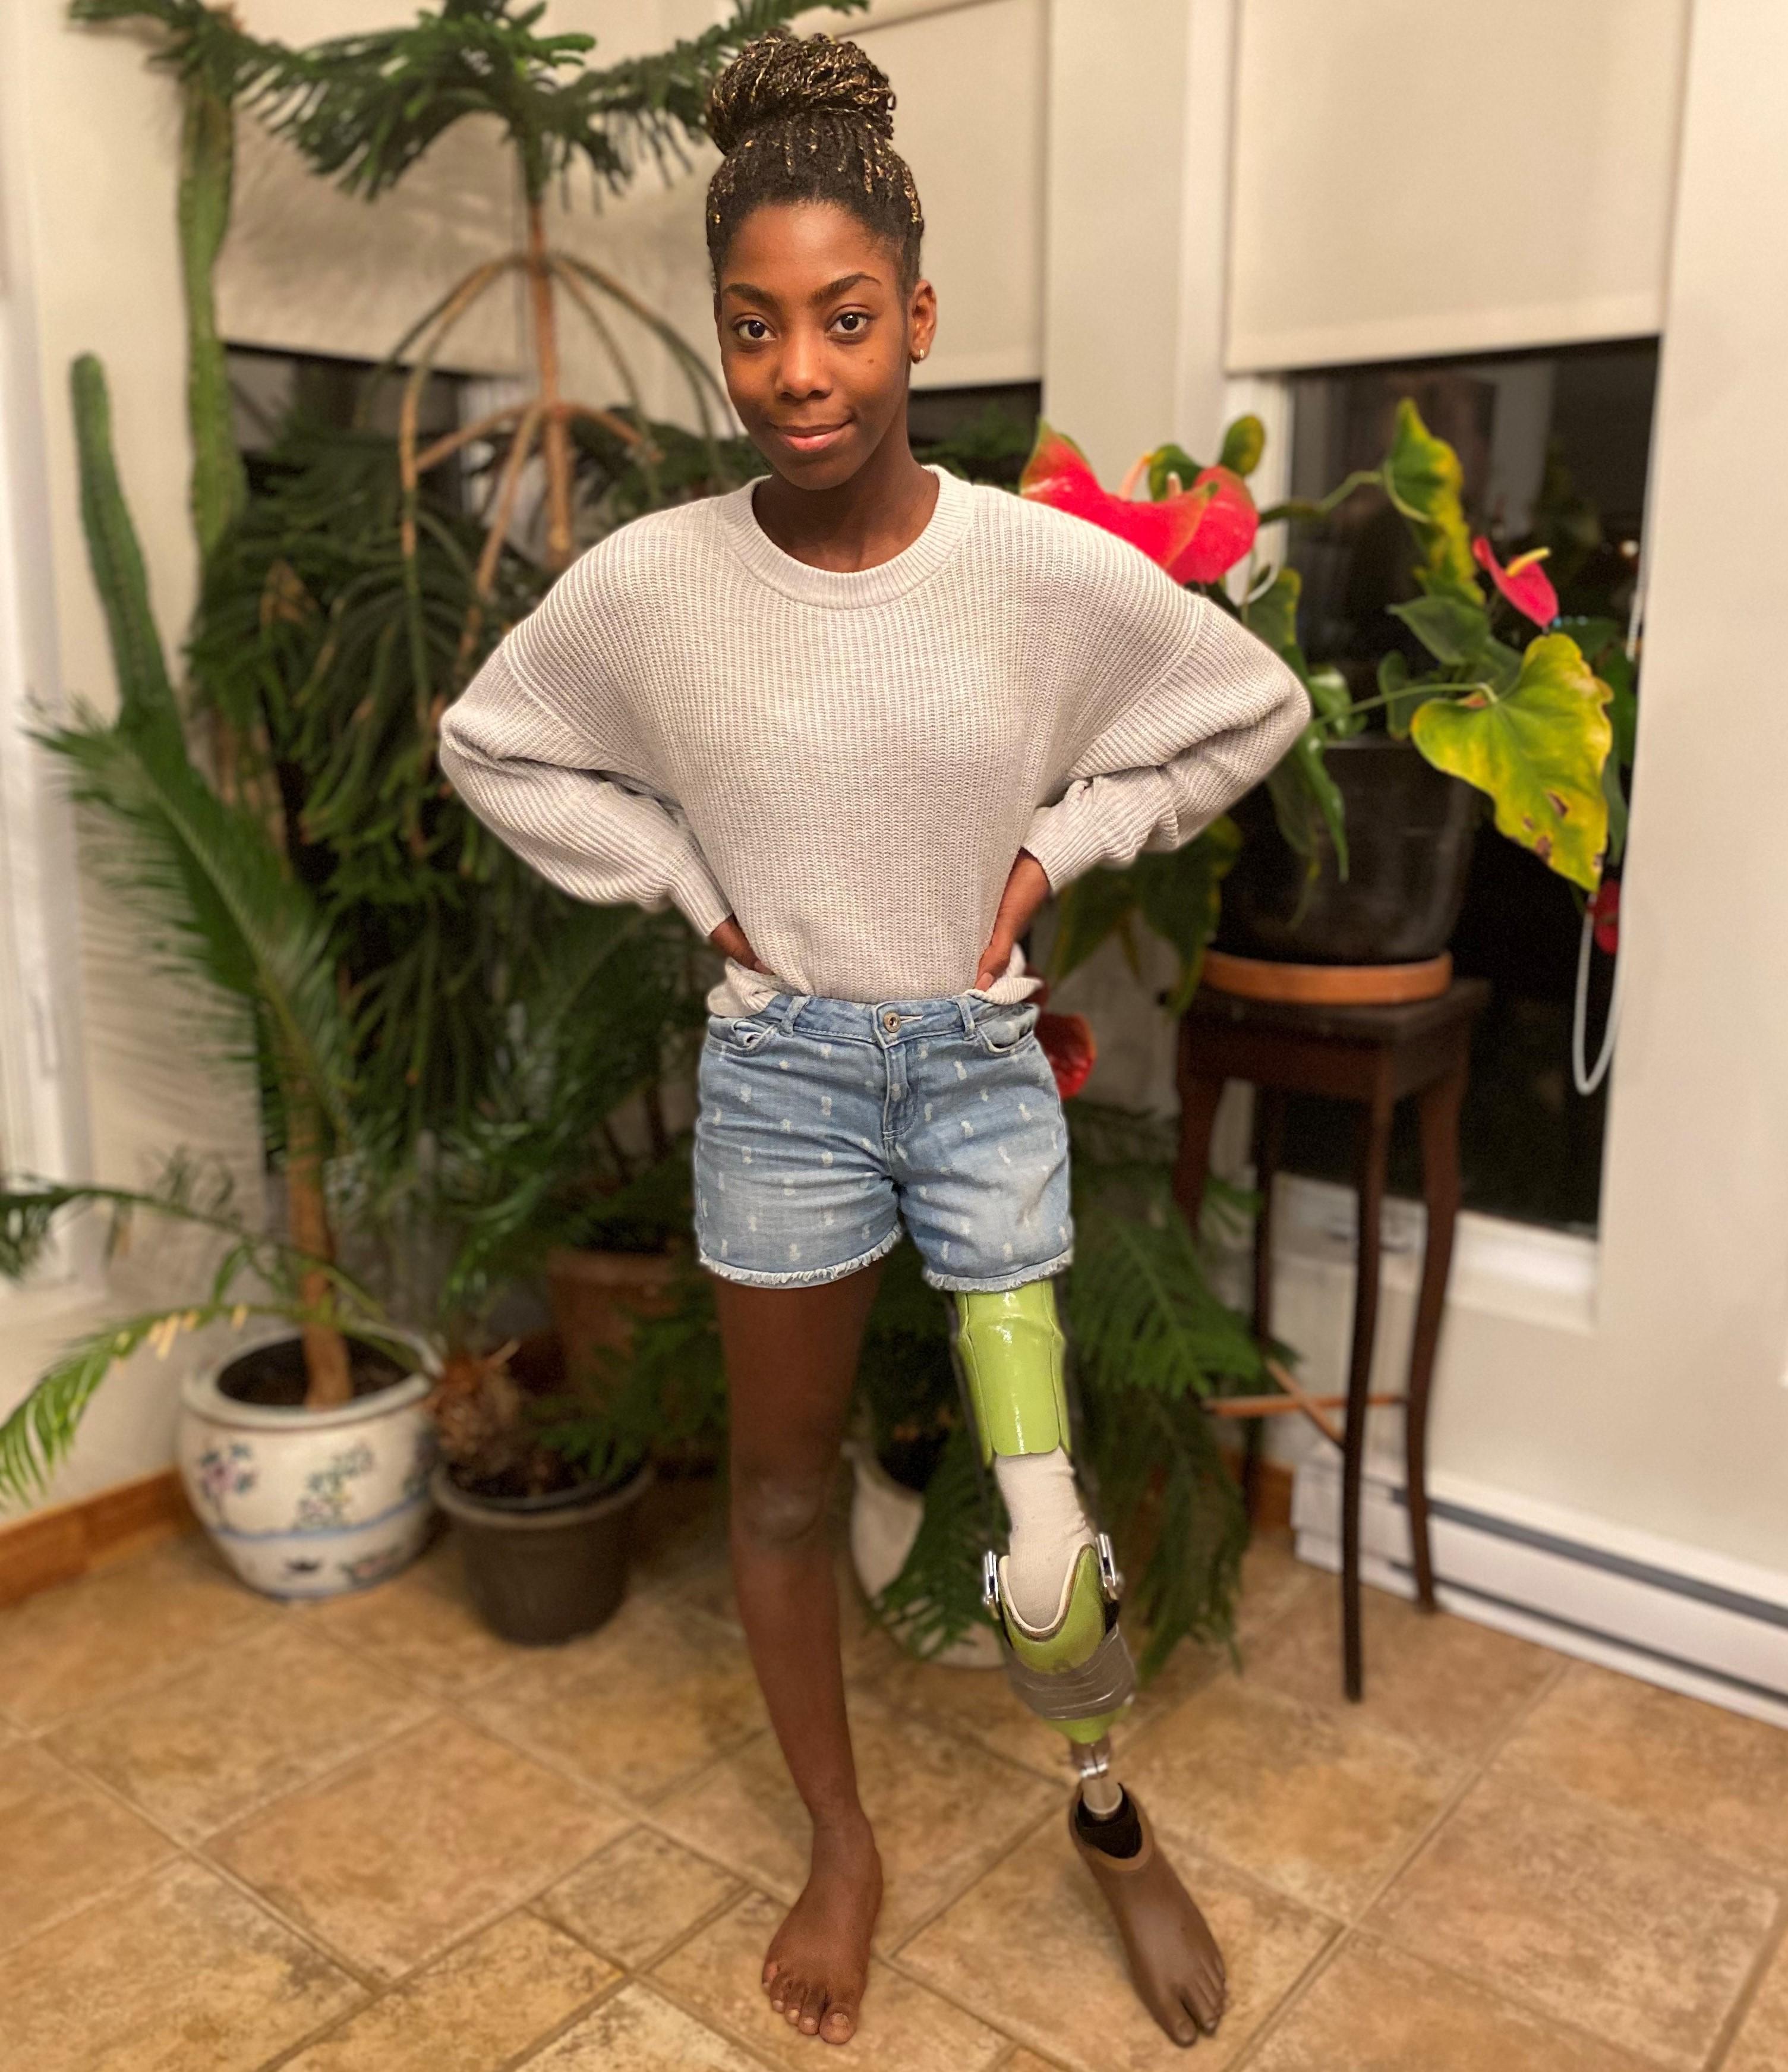 Samyra Duchesne a été amputée de la jambe gauche à l'âge de sept ans. Depuis, elle a une vie active avec sa prothèse.